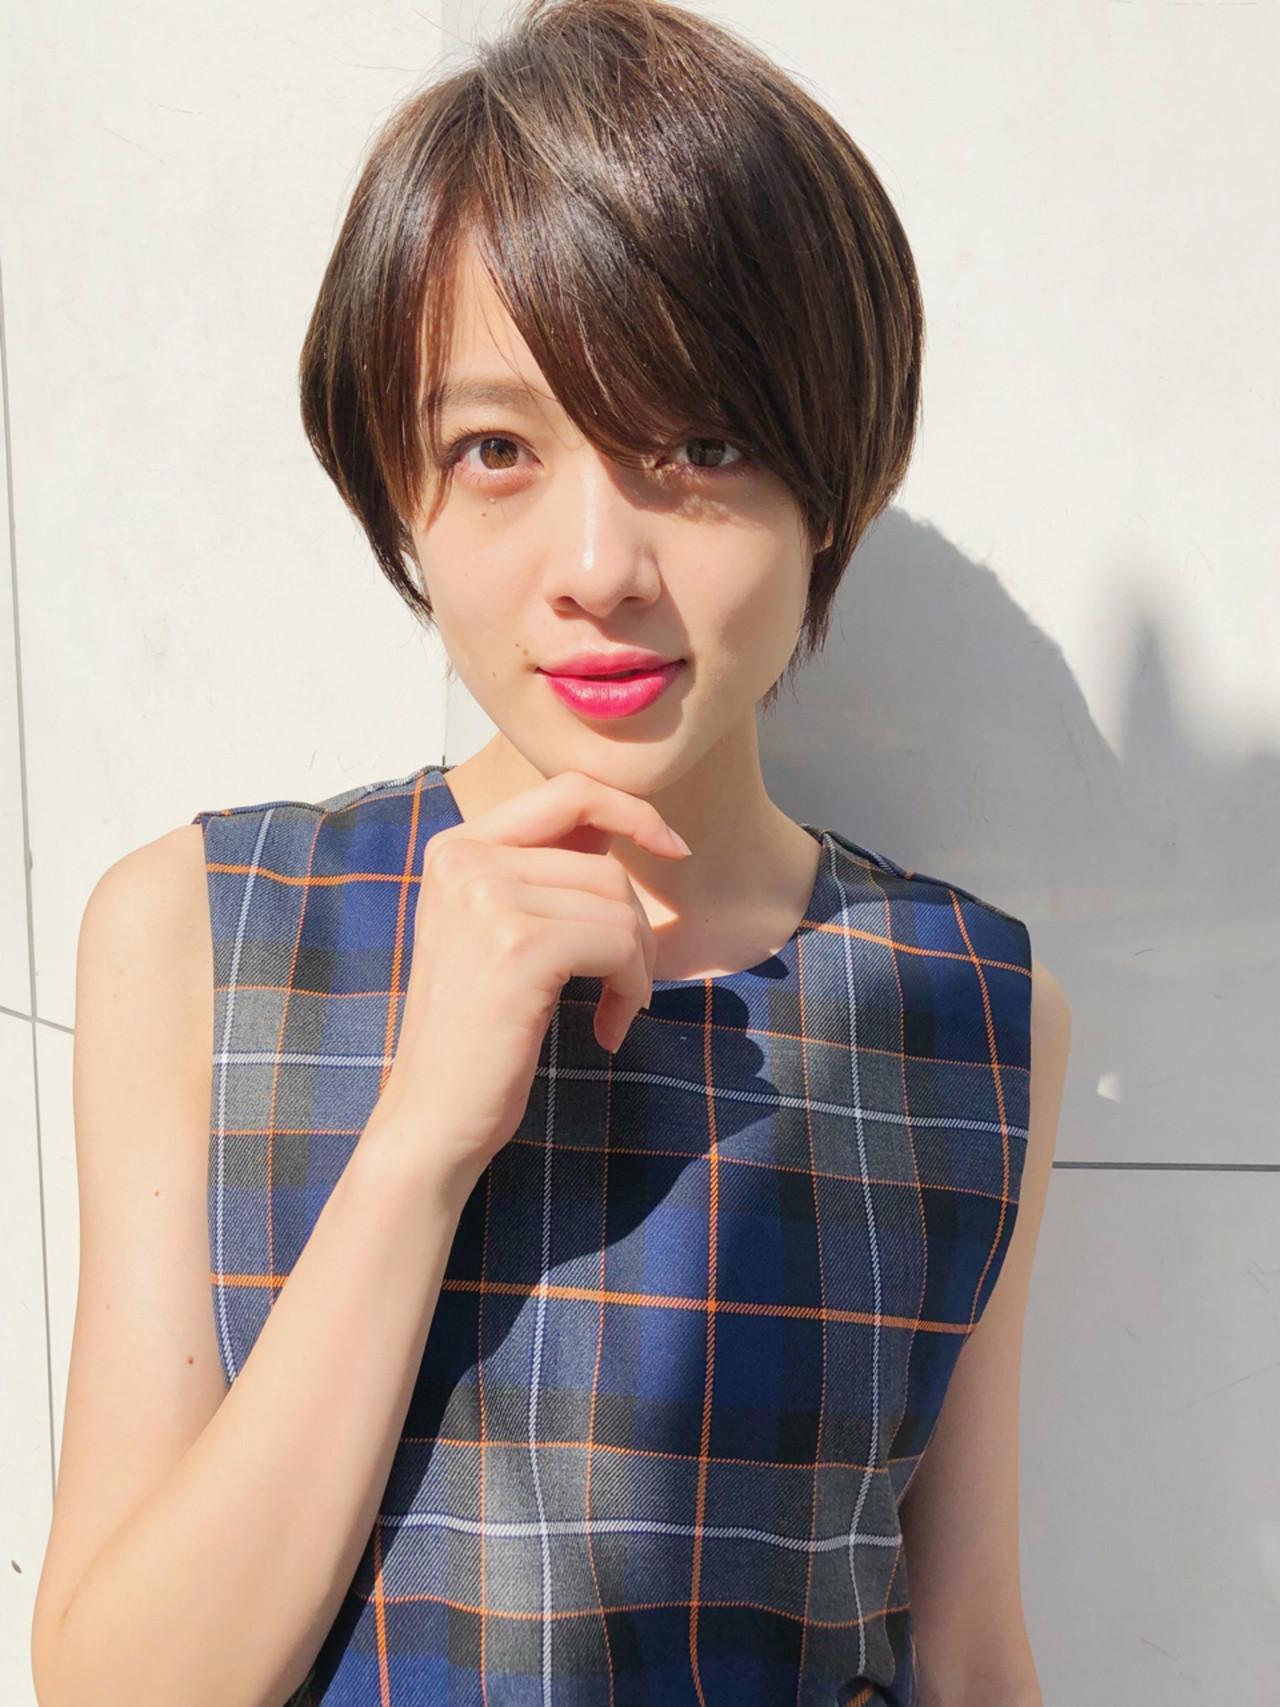 簡単ヘアアレンジ エフォートレス オフィス ショート ヘアスタイルや髪型の写真・画像 | ナガヤ アキラ joemi 新宿 / joemi by Un ami